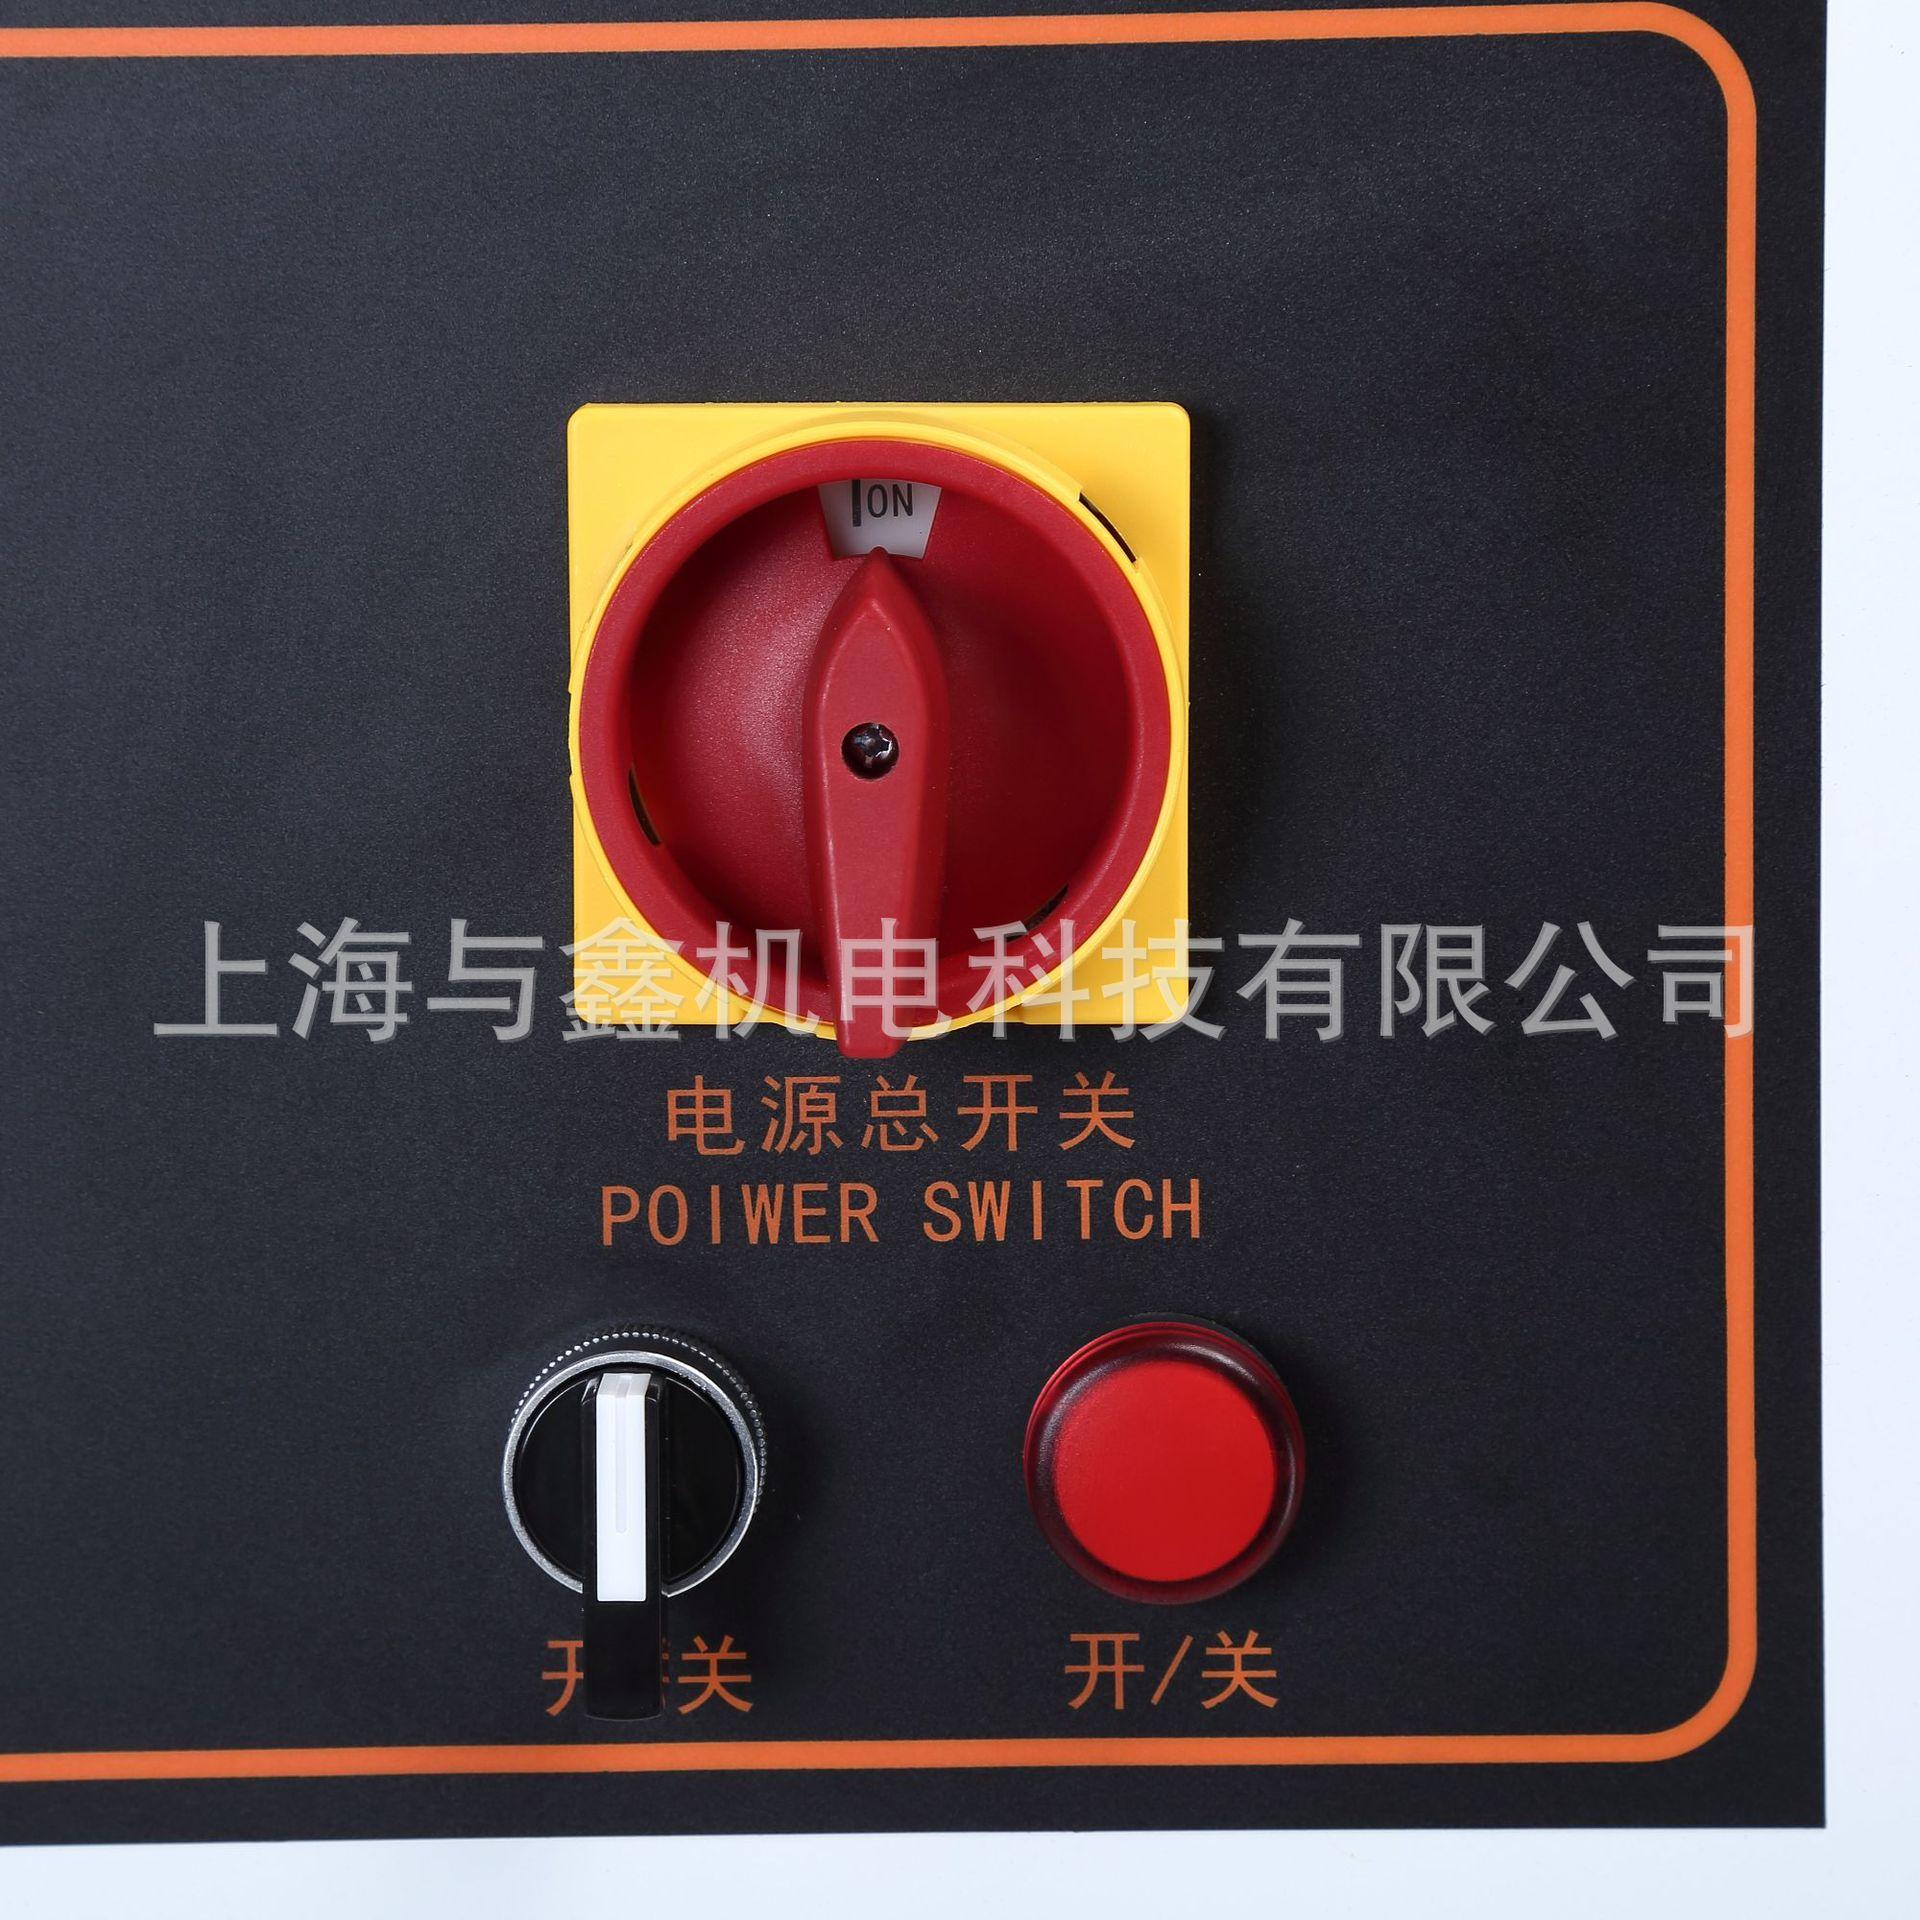 现货直销 磨床吸尘器 移动式抛光除尘器 平面磨床集尘器厂家 大功率磨床吸尘器 移动磨床吸尘器示例图8